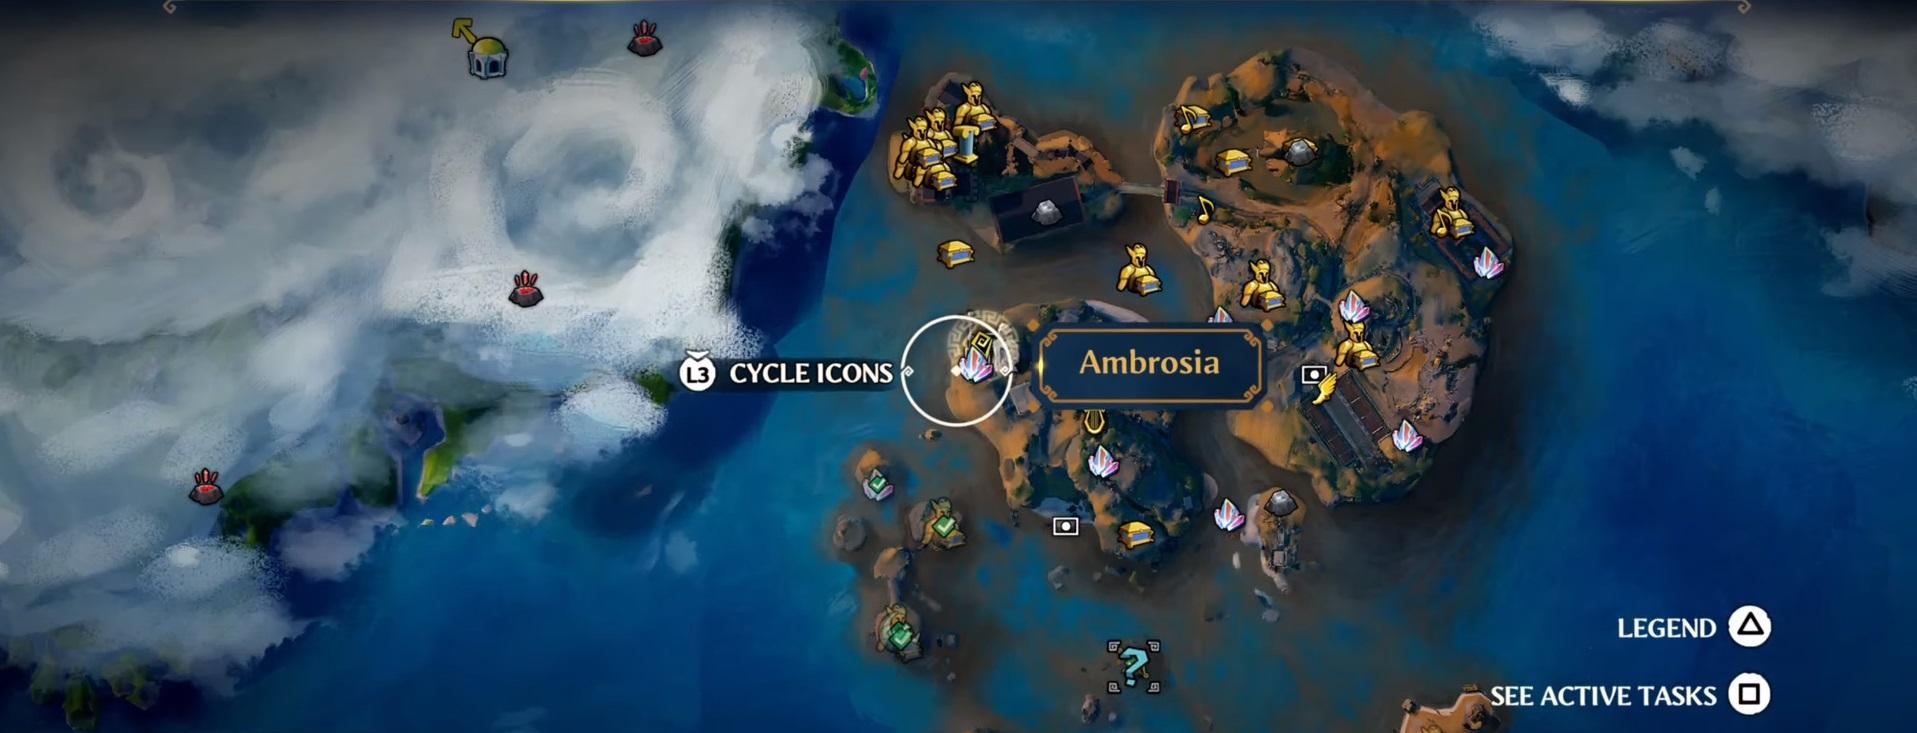 immortals Fenyx Rising Ambrosia 2